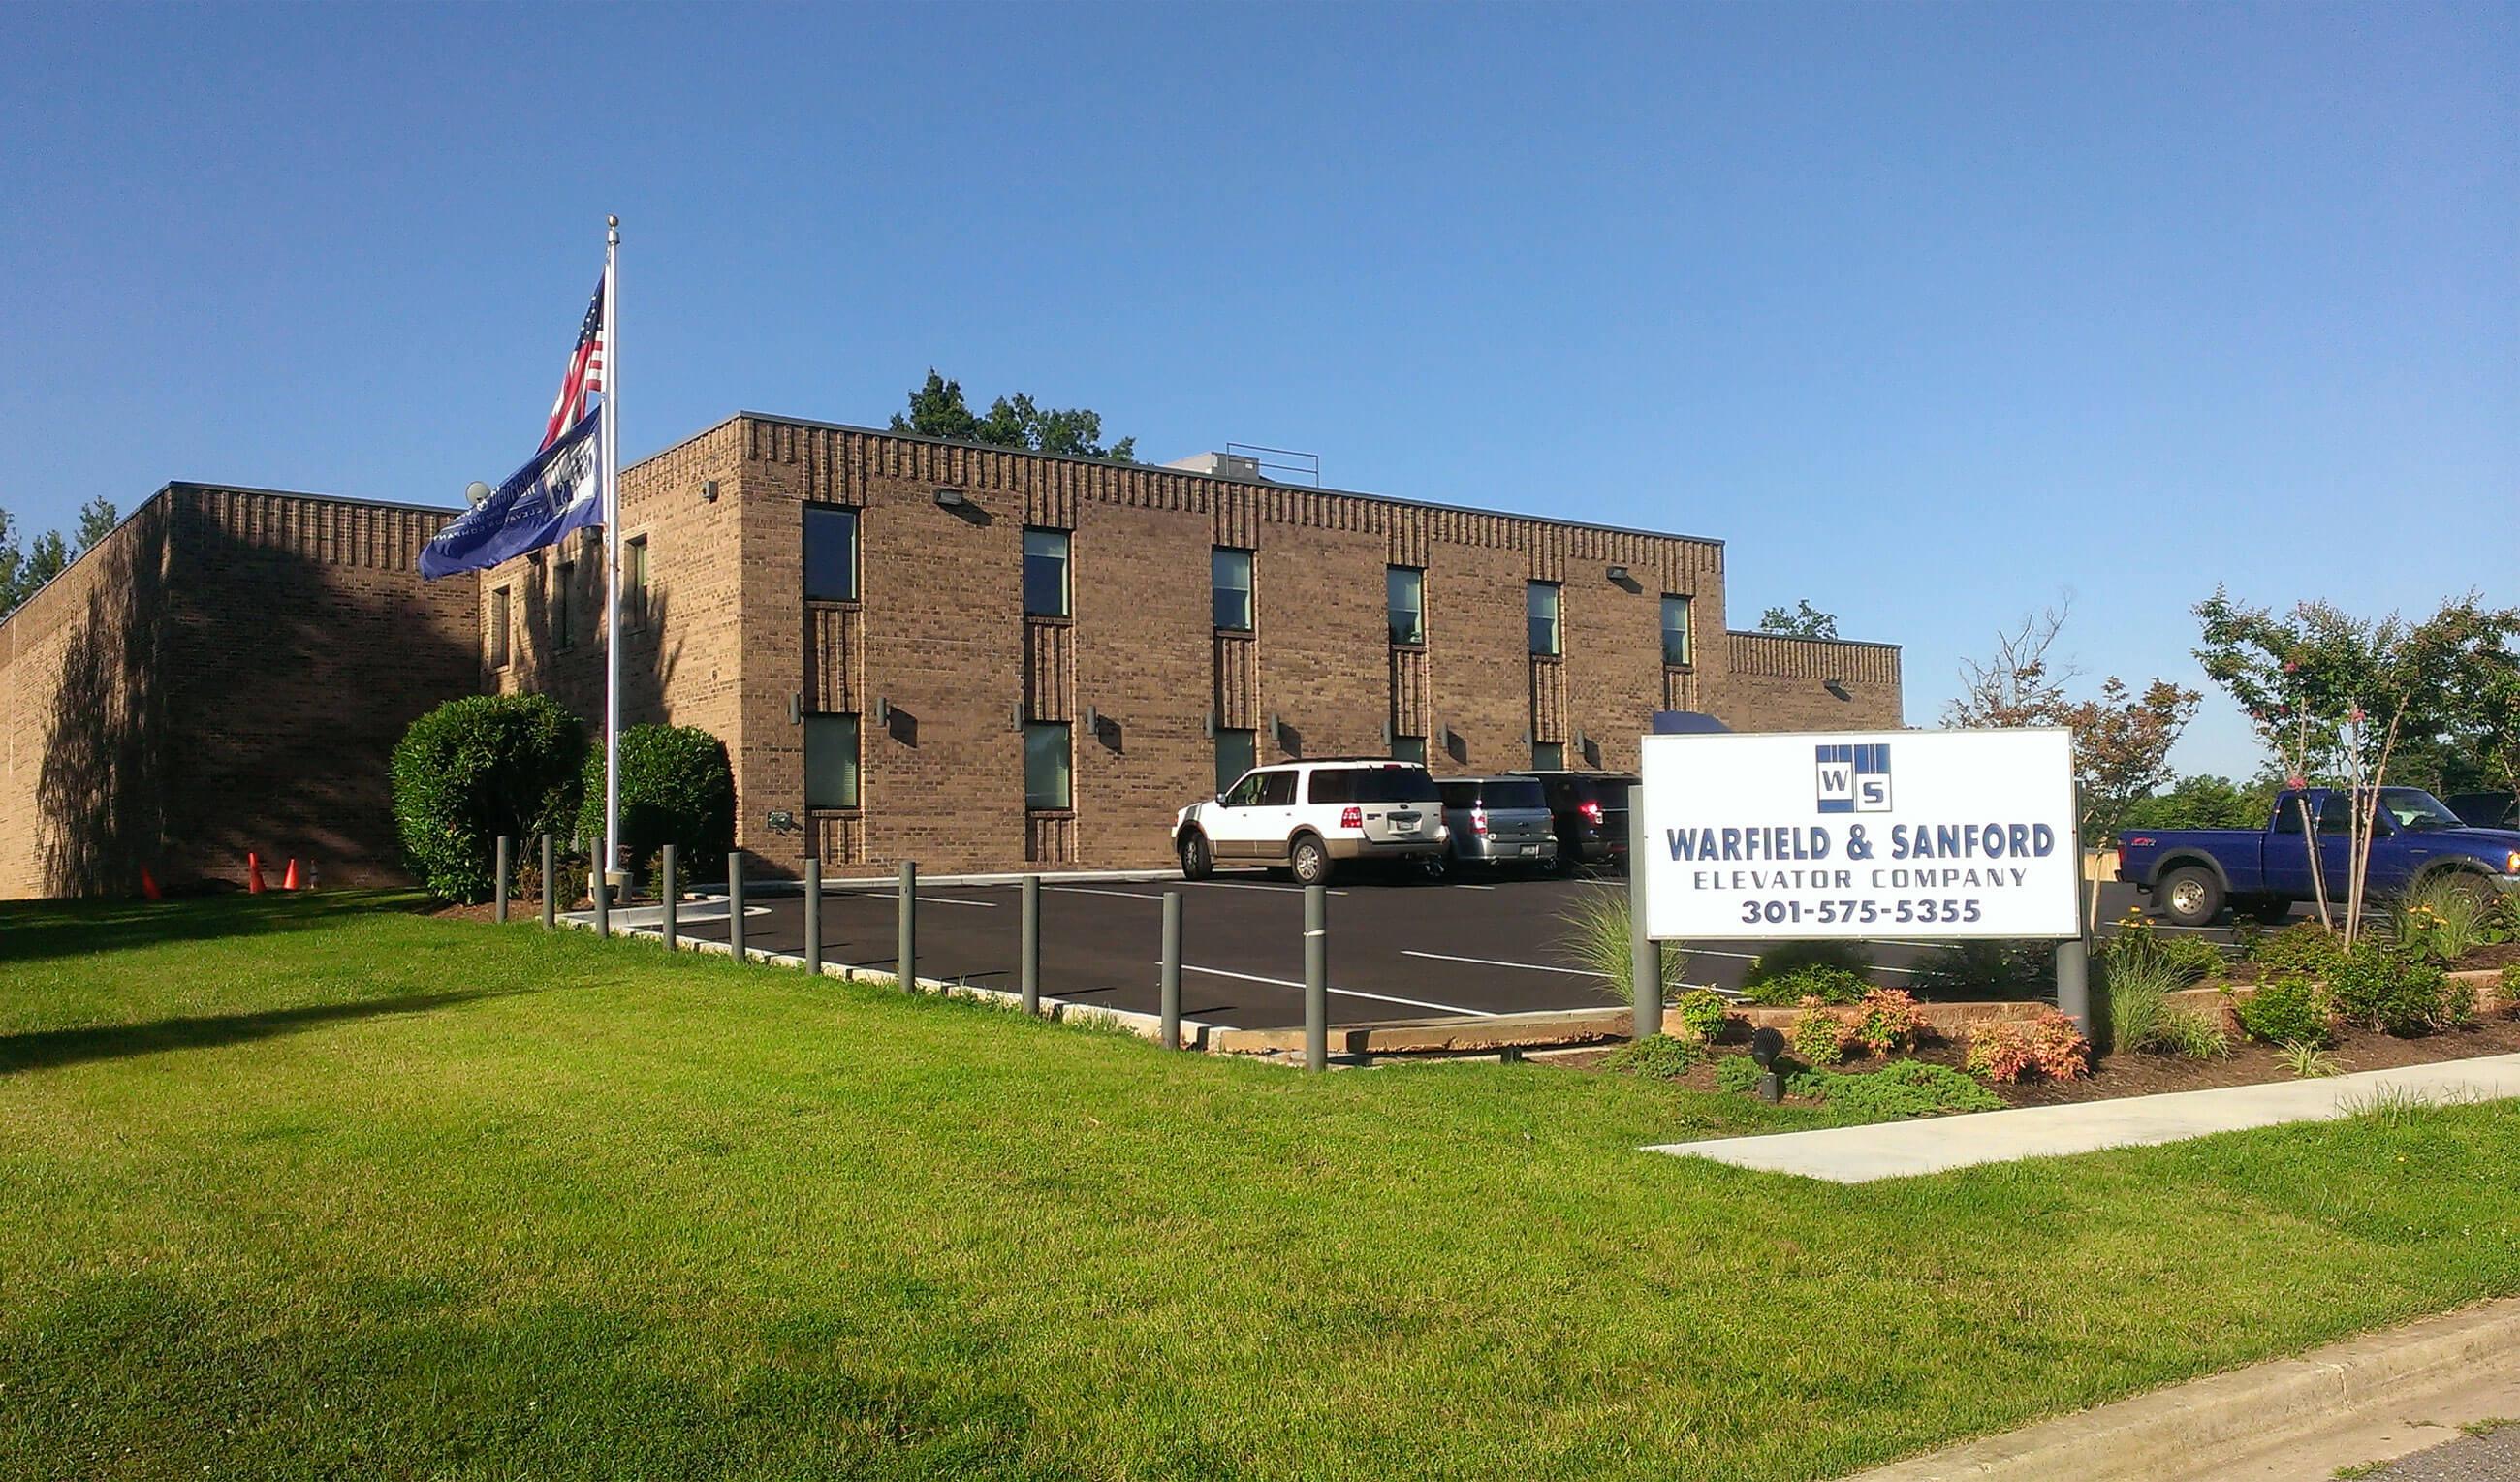 WS Building